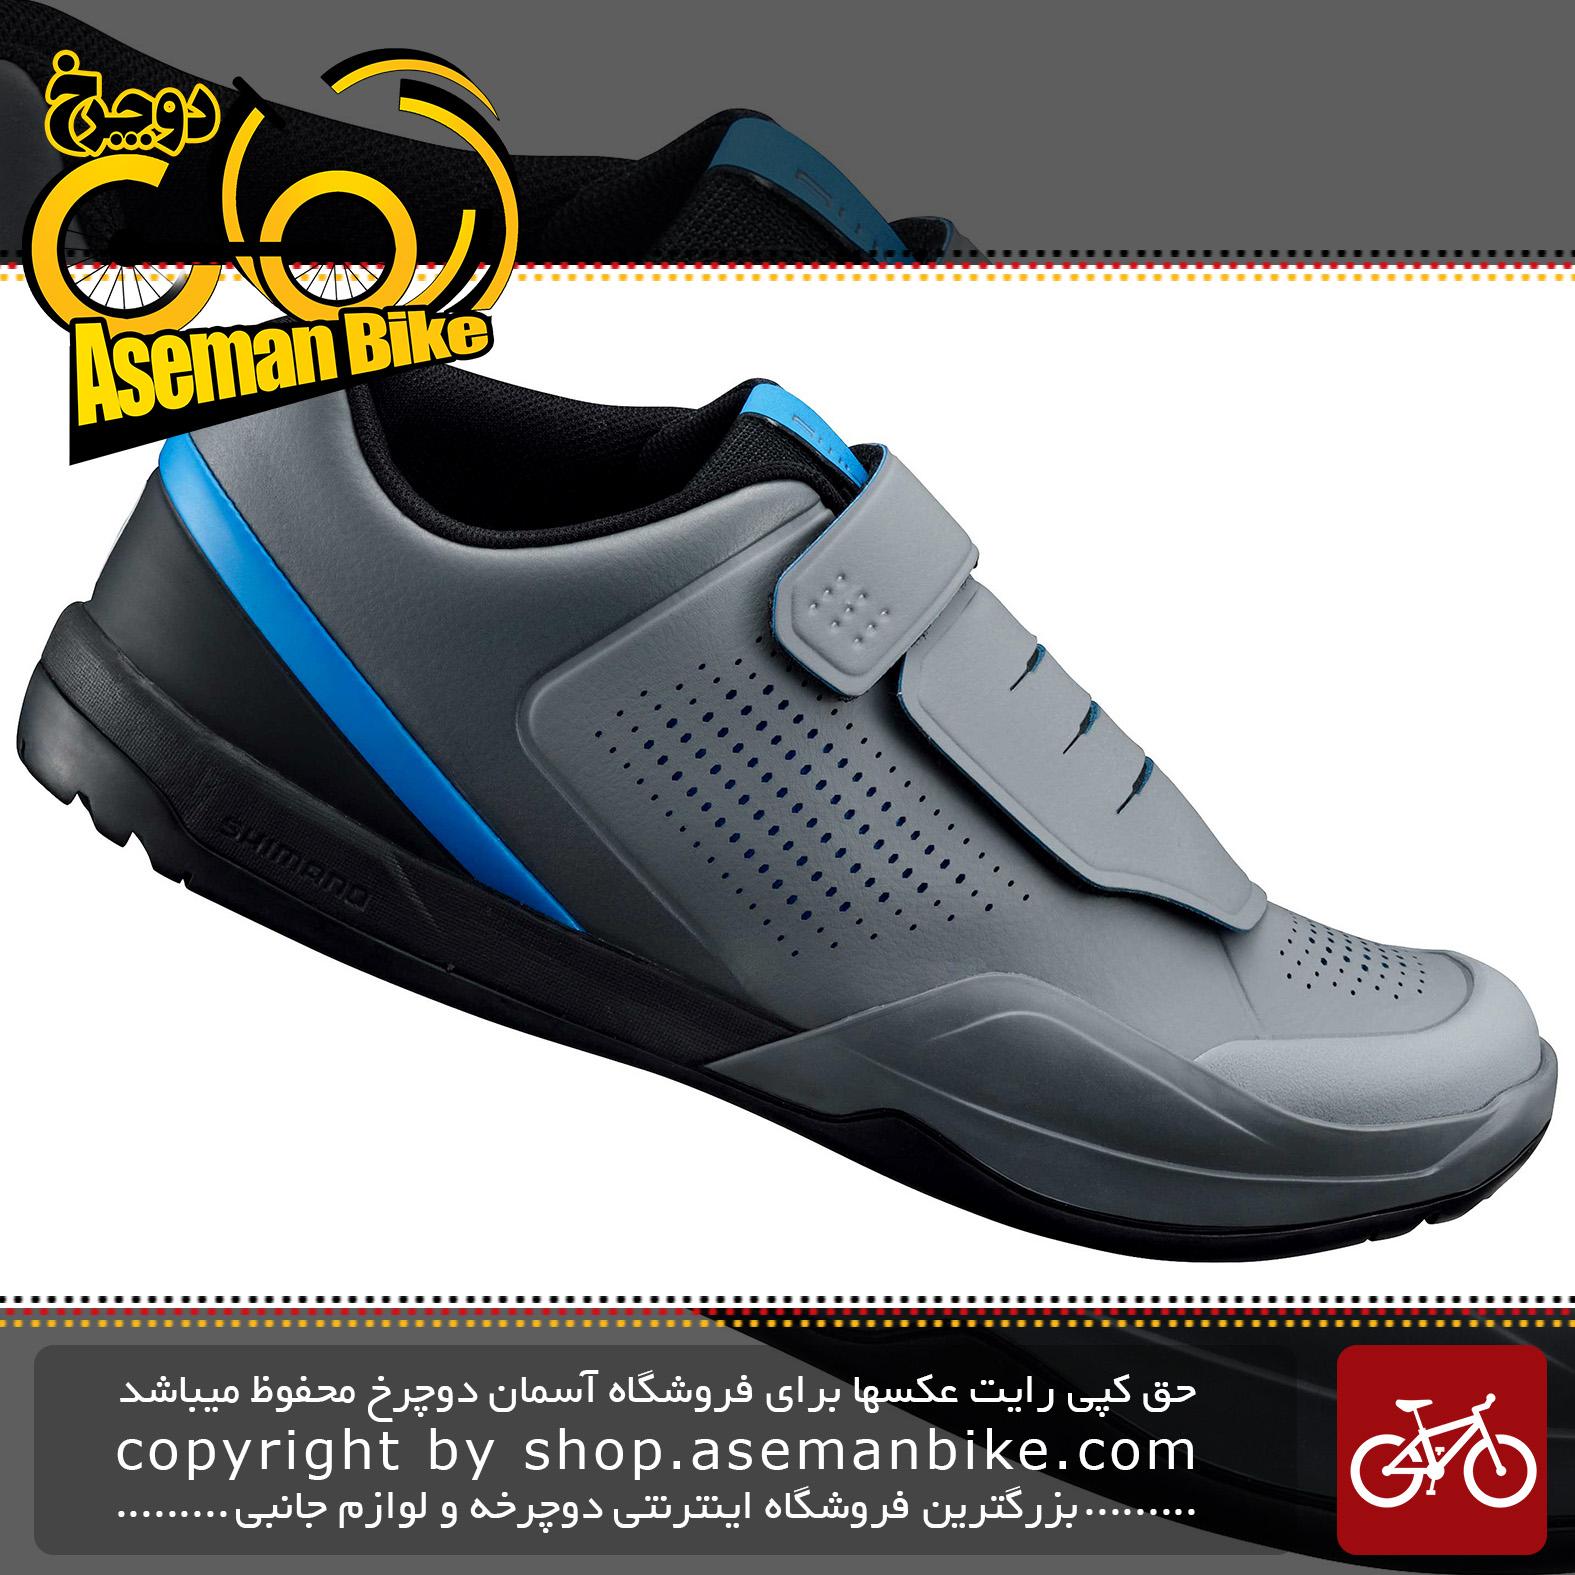 کفش دوچرخه سواری شیمانو مدل ای ام 901 کوهستان Shimano AM901 Mountain Bike Shoes